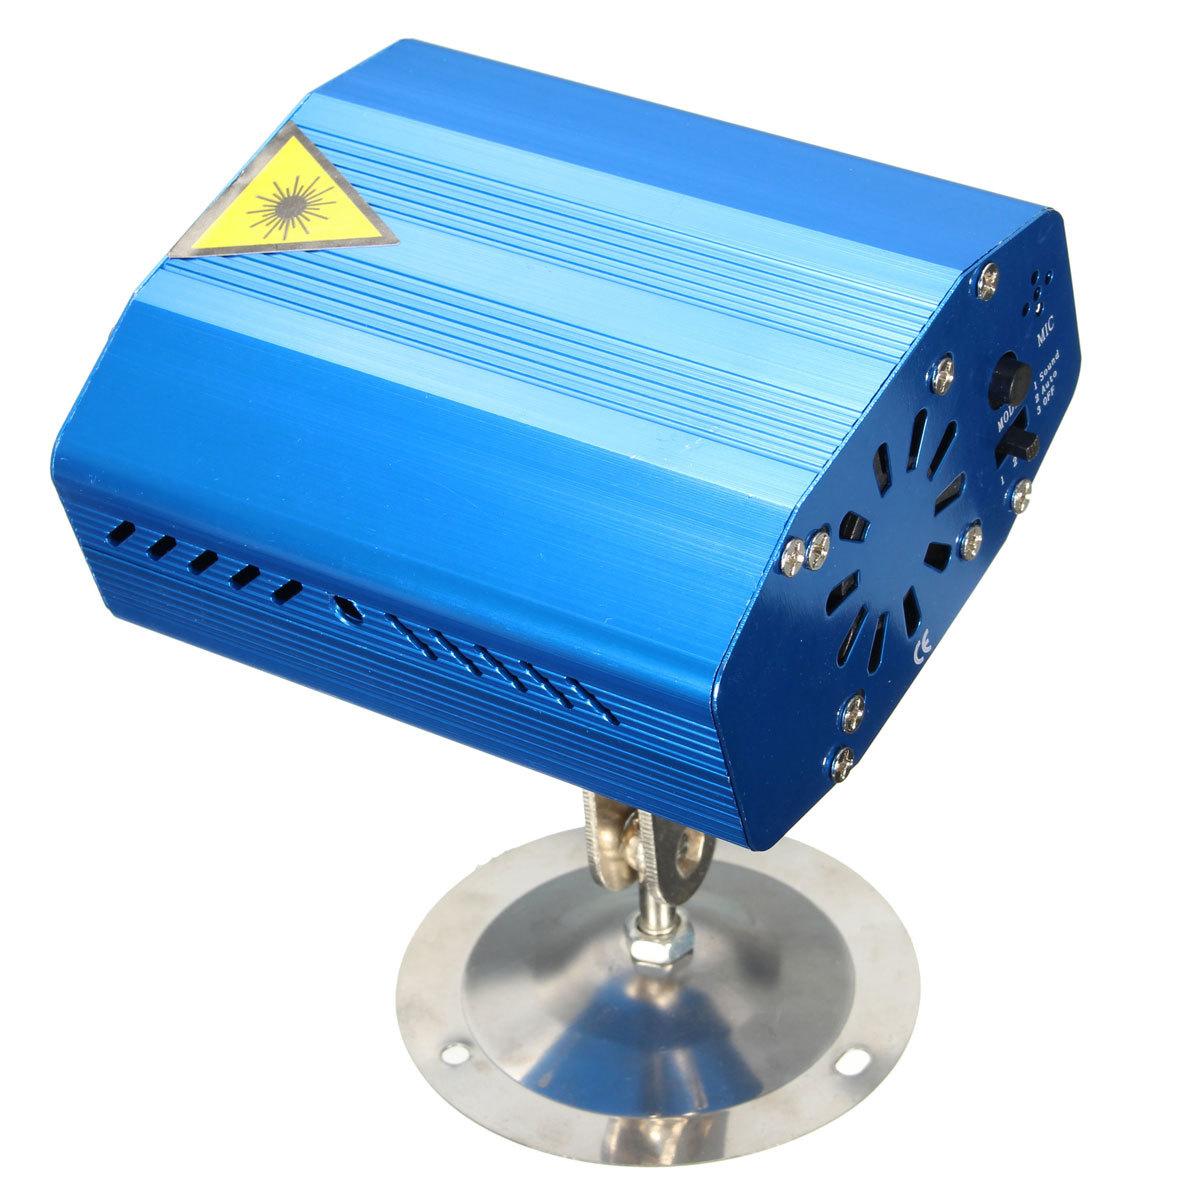 Toko Mini R G Otomatis Suara Dj Xmas Pesta Disko Lampu Panggung Laser Led Proyektor Remote Ue Intl Online Tiongkok